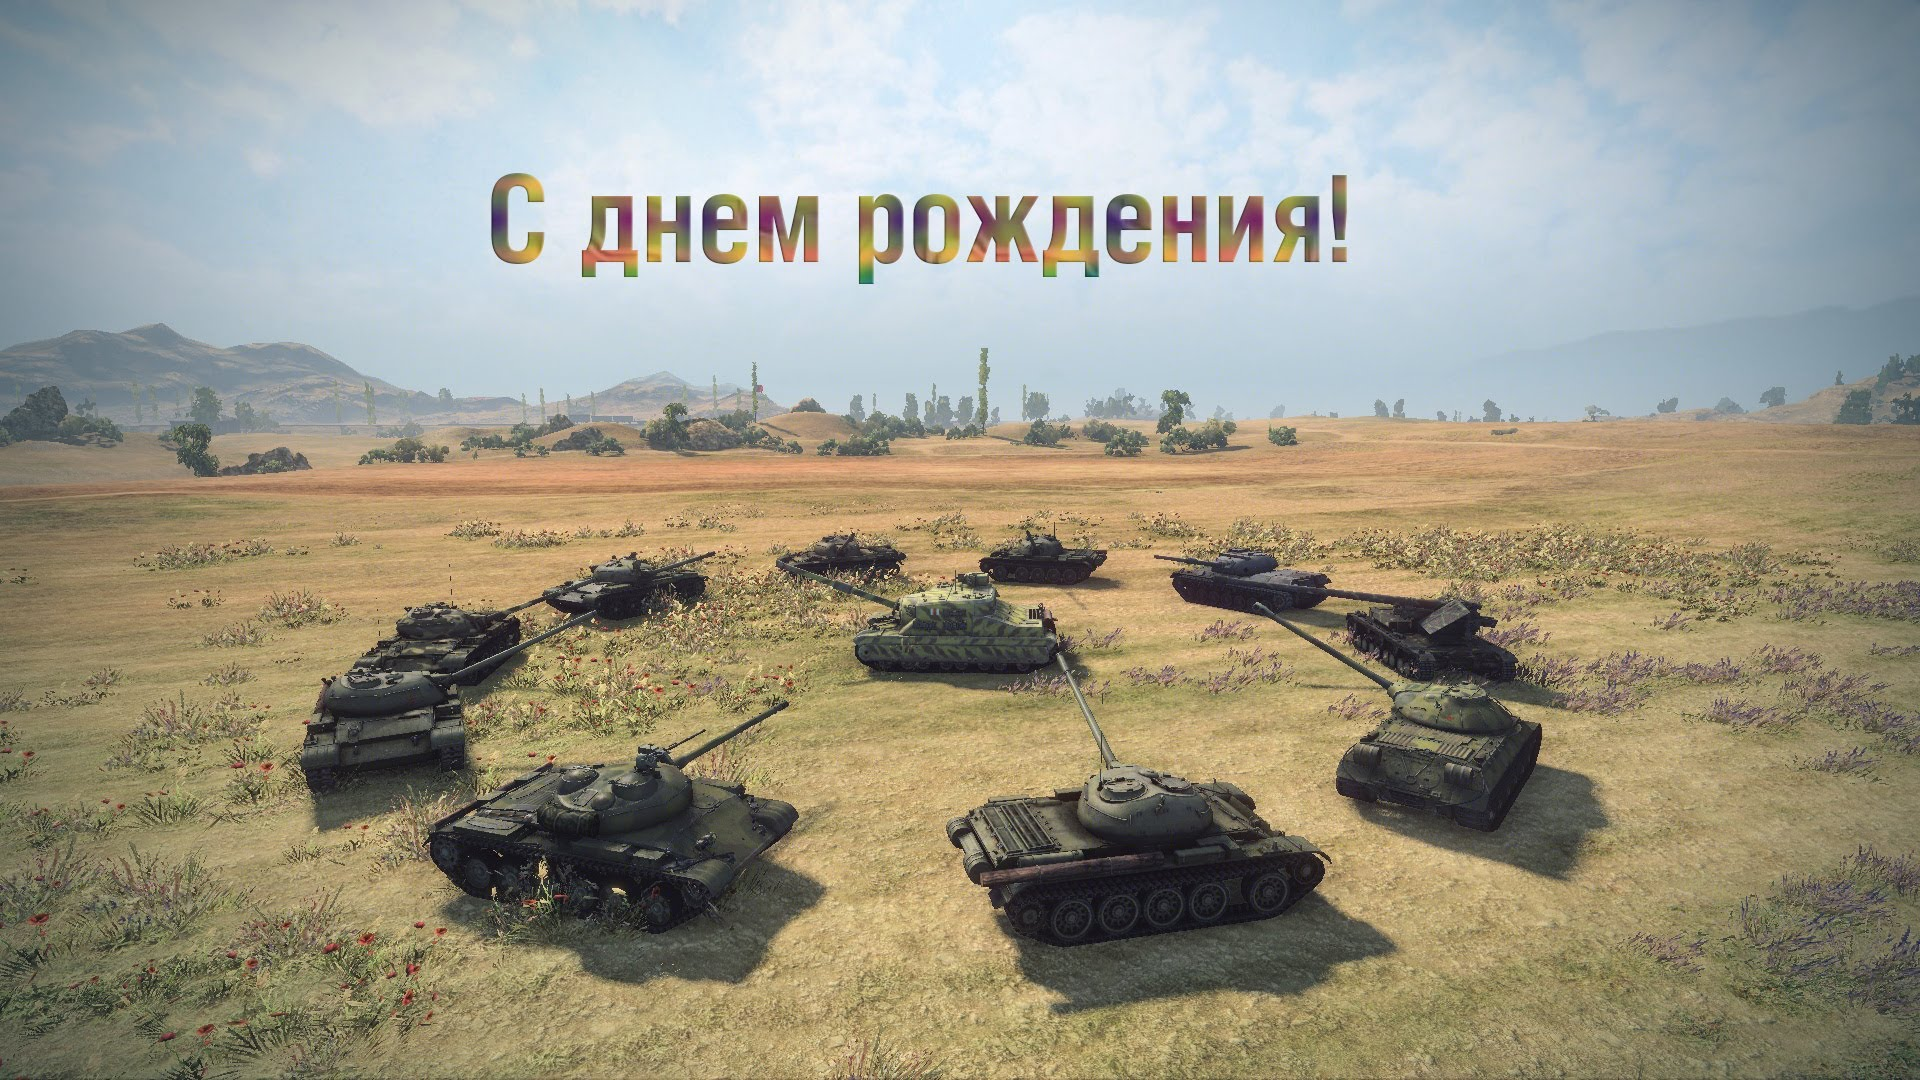 Поздравление танкисту с днём рождения